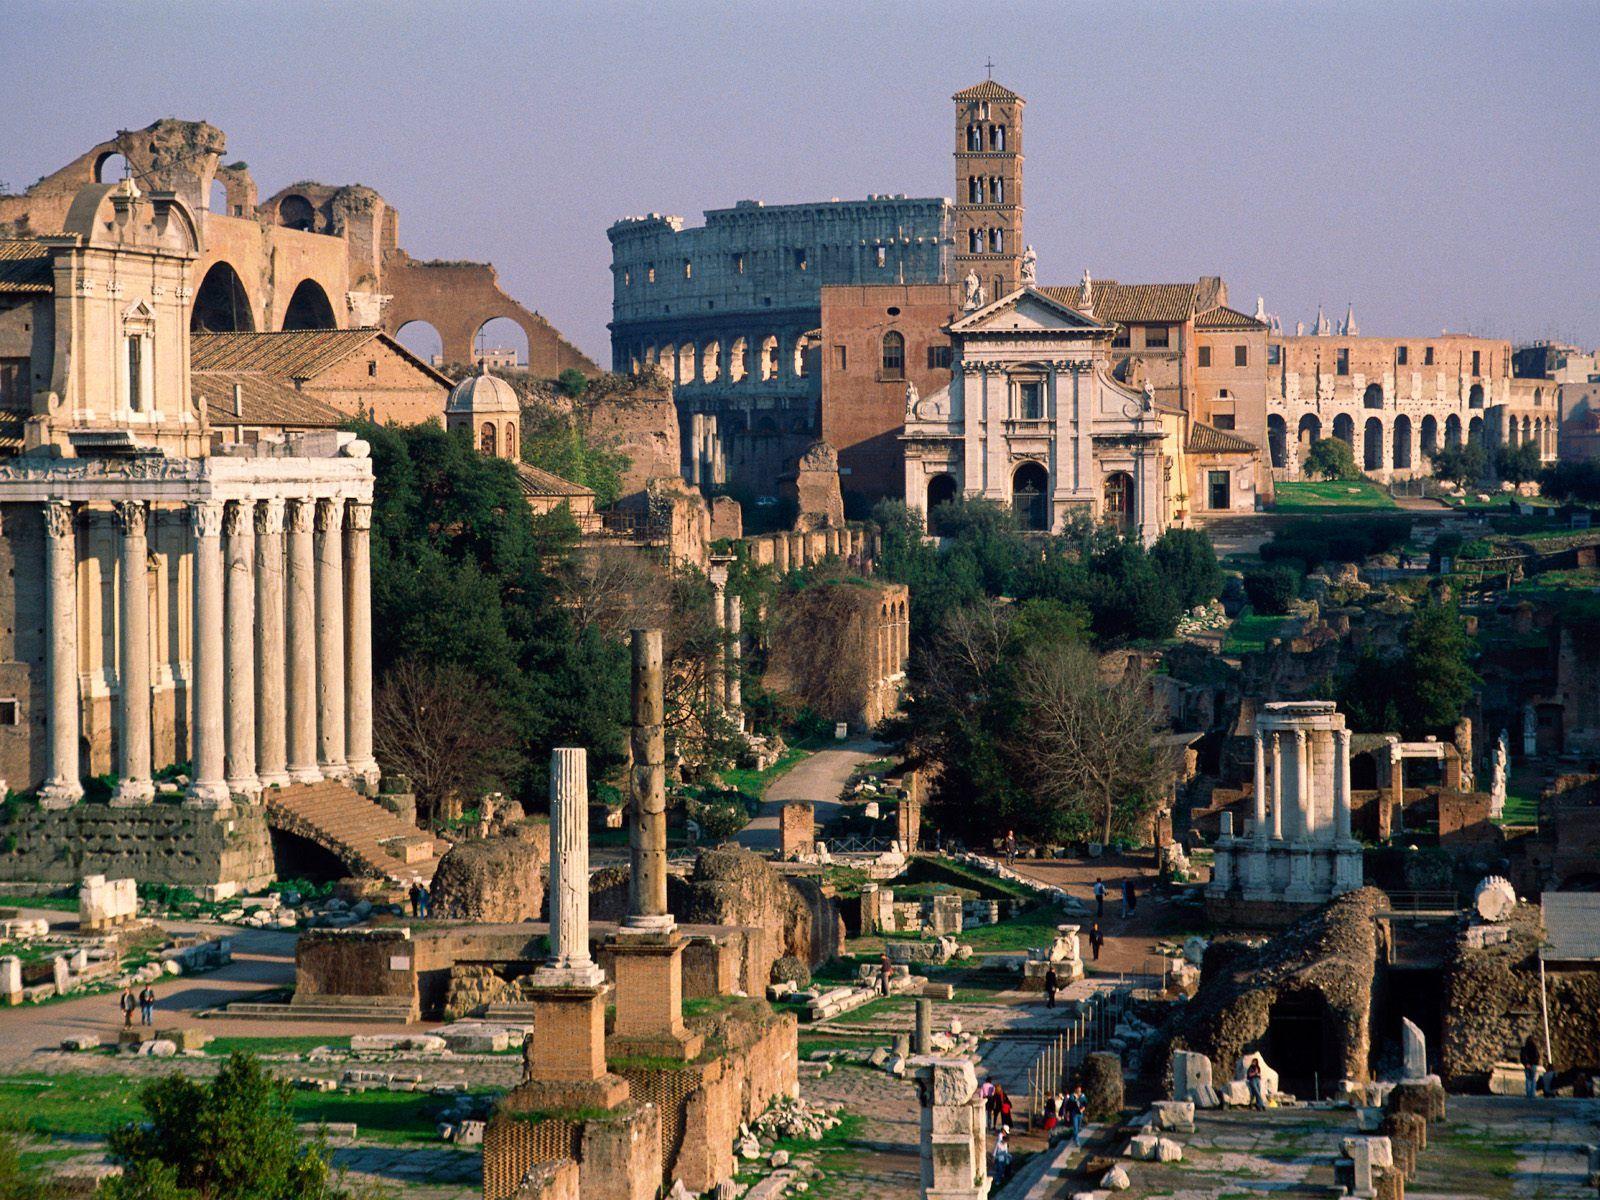 Roman Forum. Rome, Italy